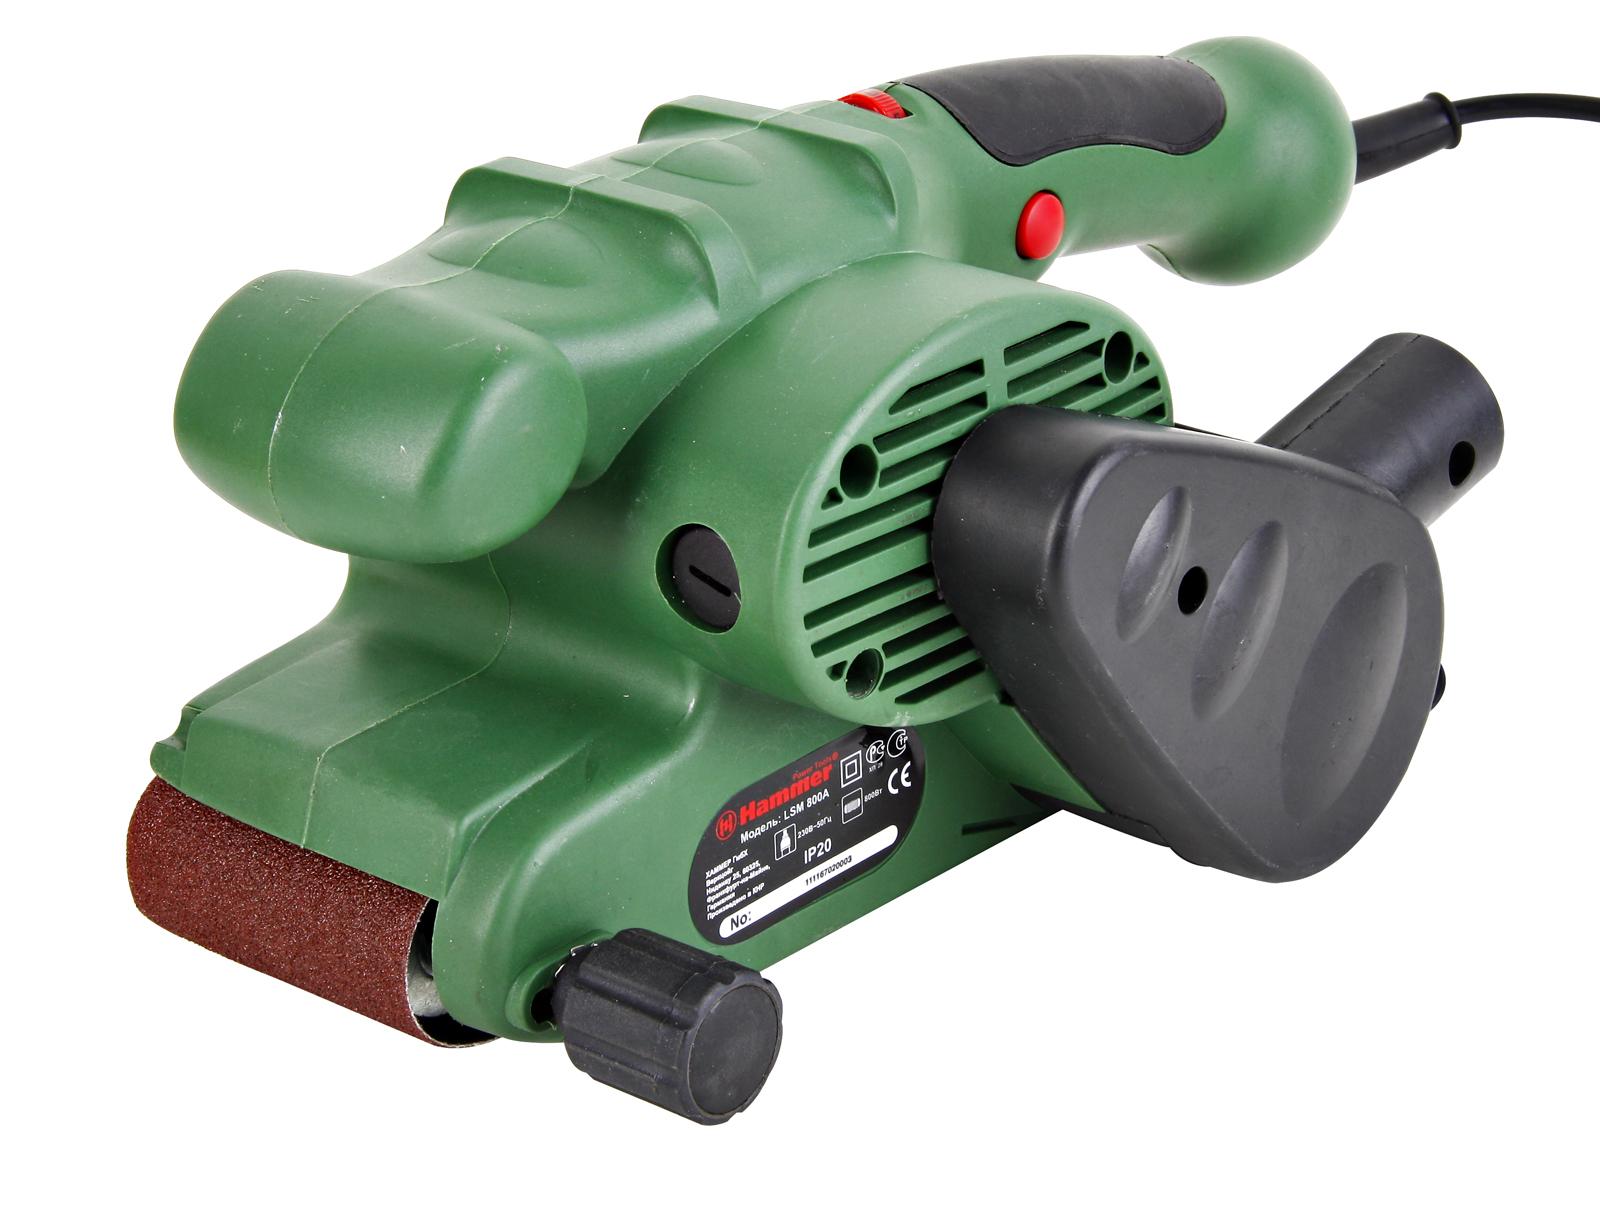 Машинка шлифовальная ленточная Hammer Lsm800a ленточная шлифмашина hammer lsm810